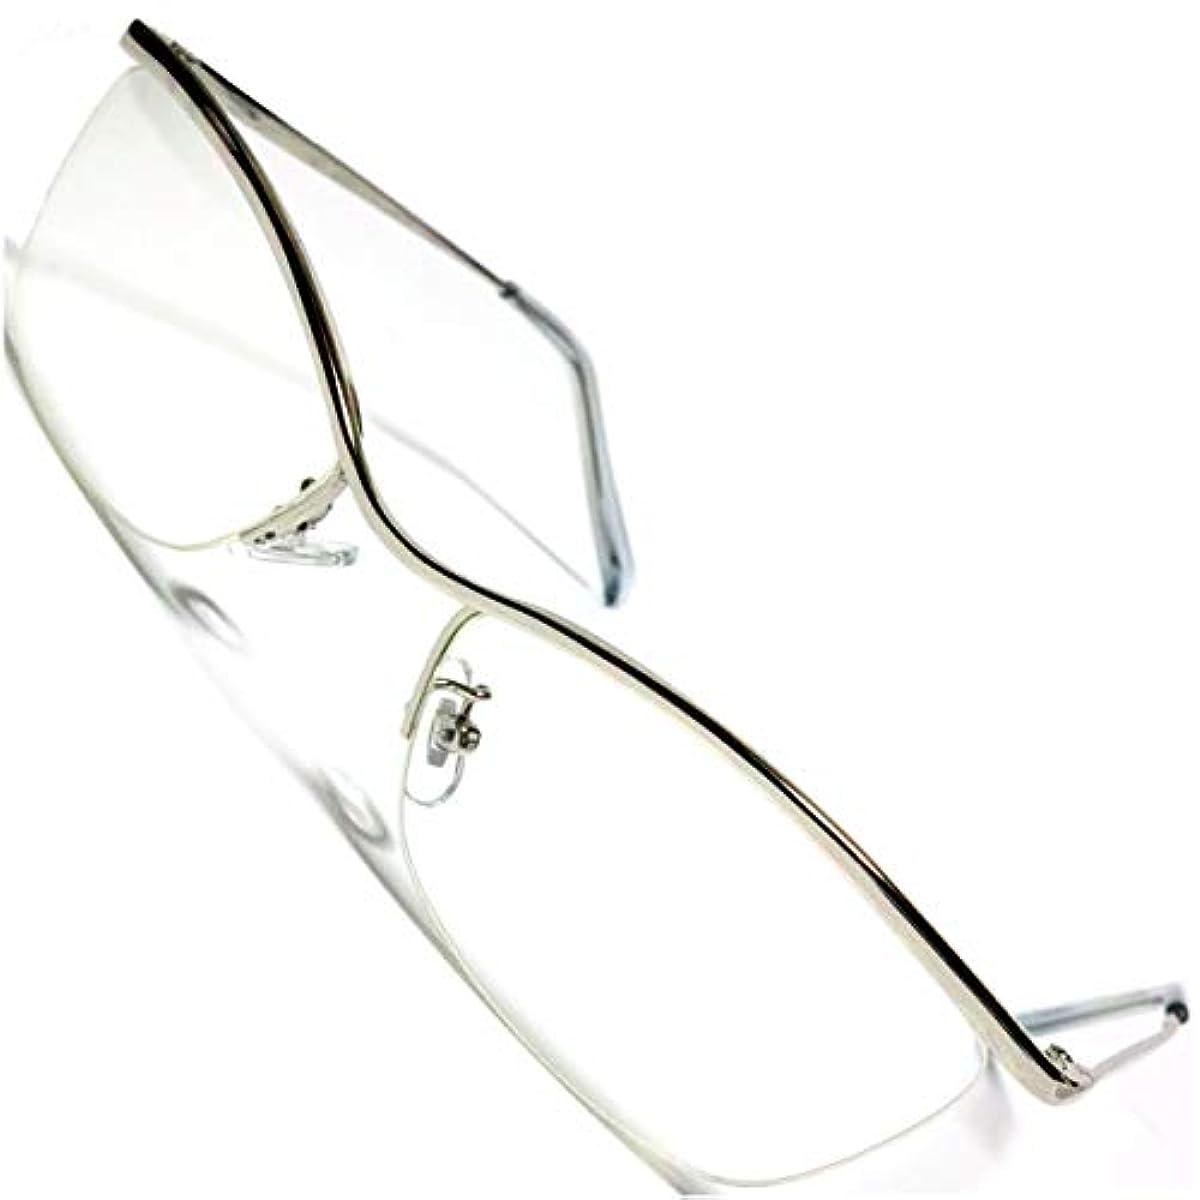 [해외] BERKUT 오리지널풀 모델 체인지다테 안경 썬글라스 세프레임 있고도 있 오라 오라계 눈째에 상냥하 1040111